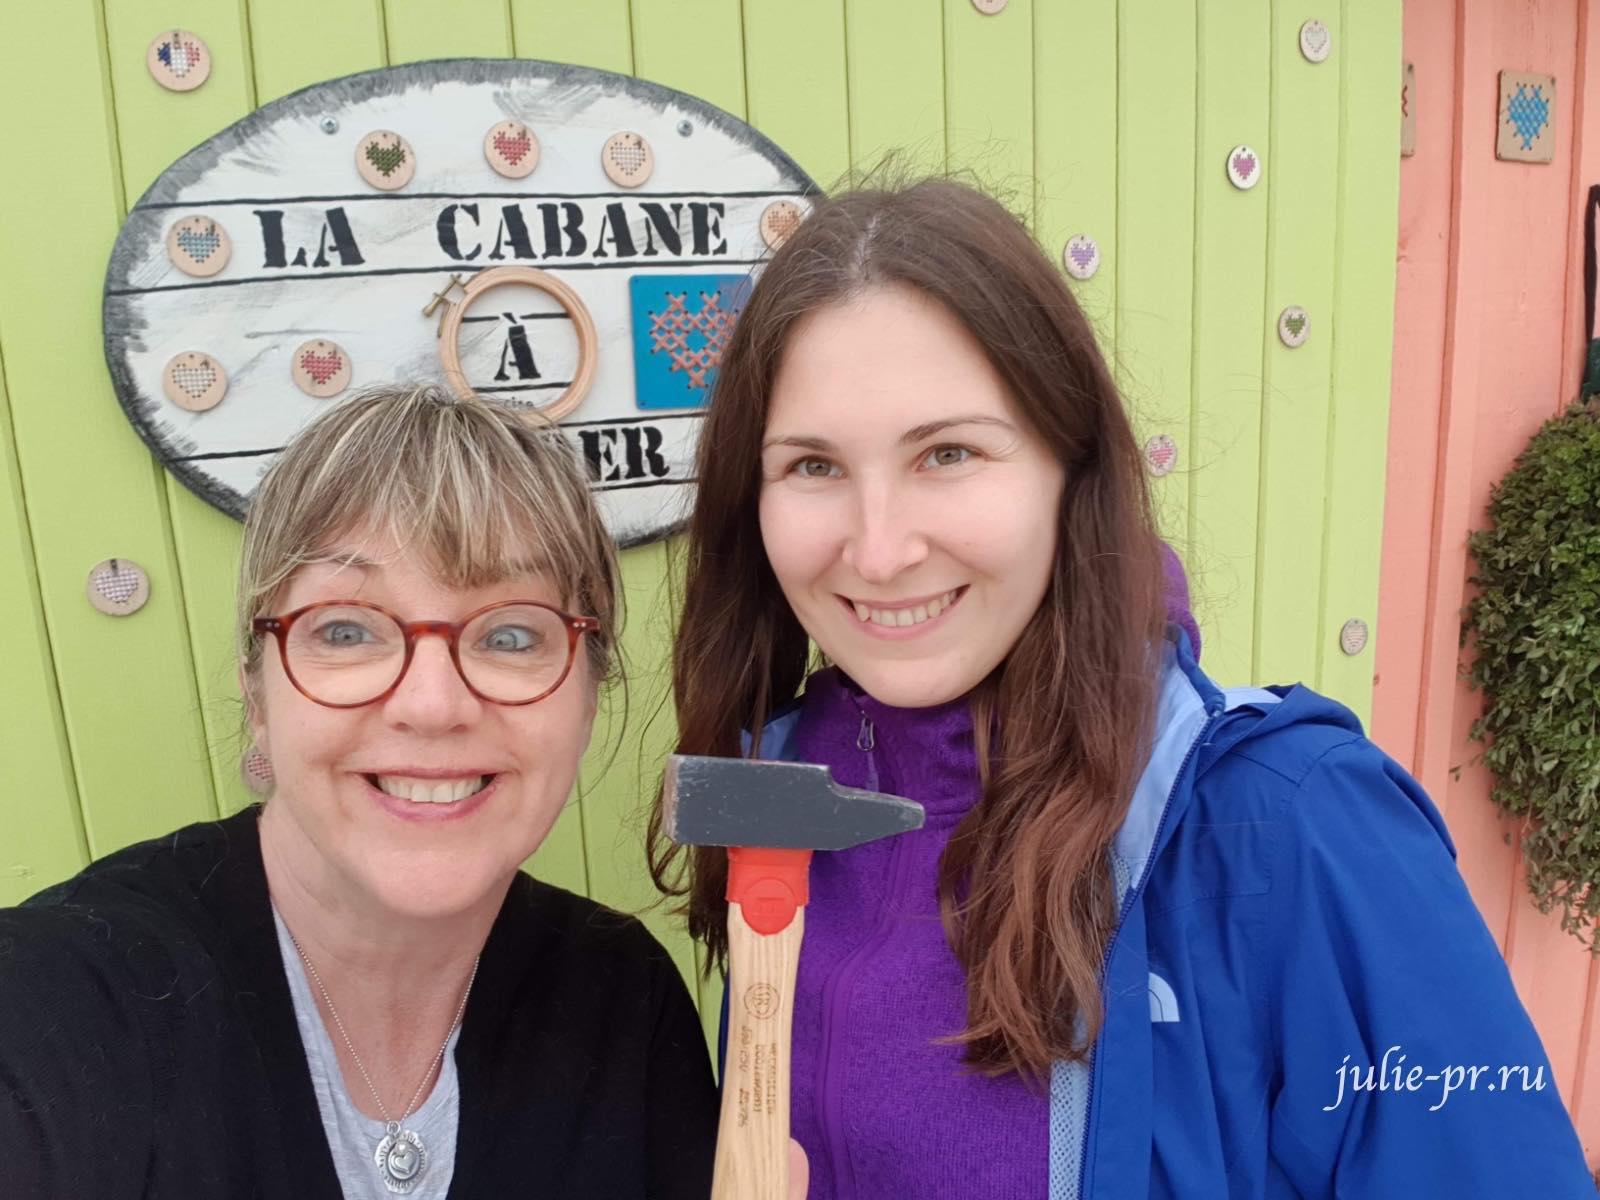 Isabelle Vautier, вышивка крестом, магазин Изабель Вотье, остров Олерон